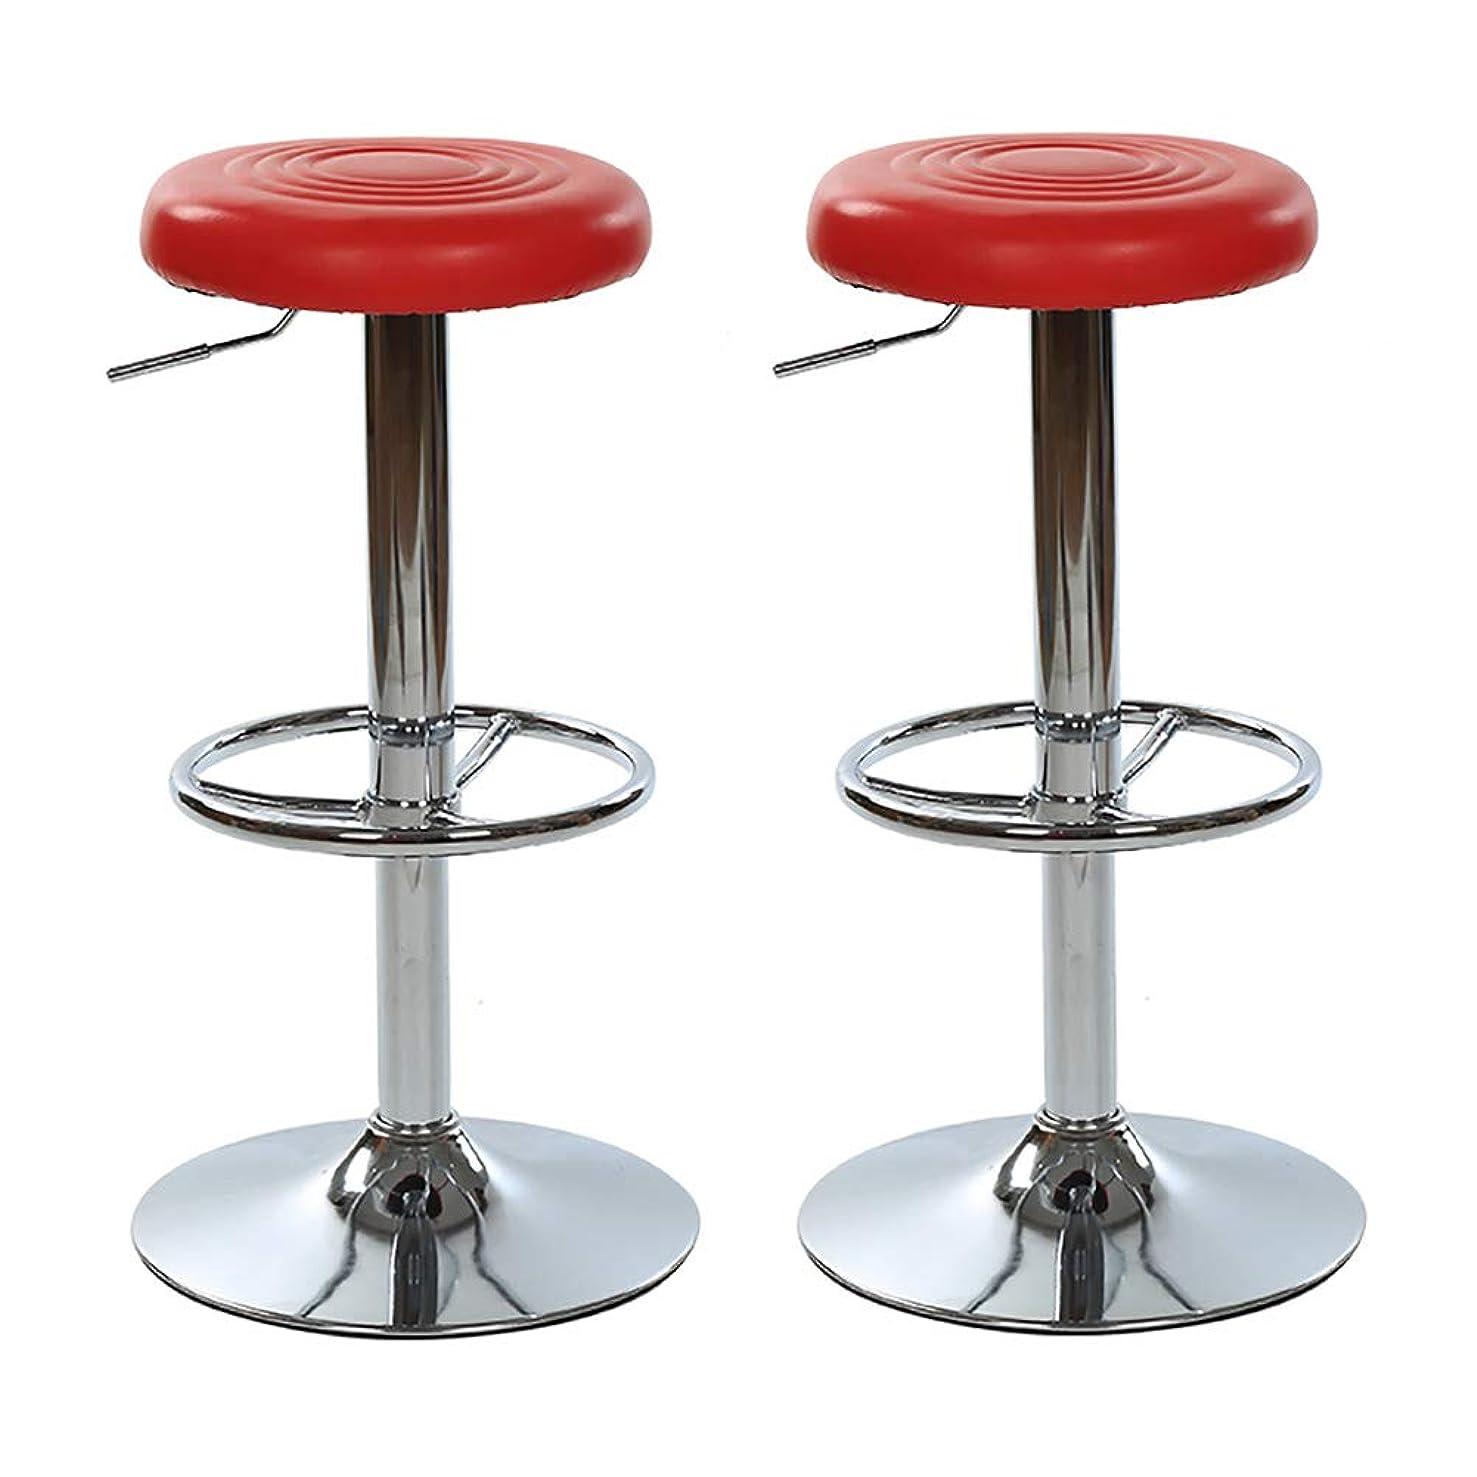 記事処理行方不明XUEPING バースツール、バーチェア、カウンターチェア、セーフティスツール、レストラン、キッチンハイスツール360°回転ハイポールスツール電装シャーシリフト60-80cm (色 : Red×2)